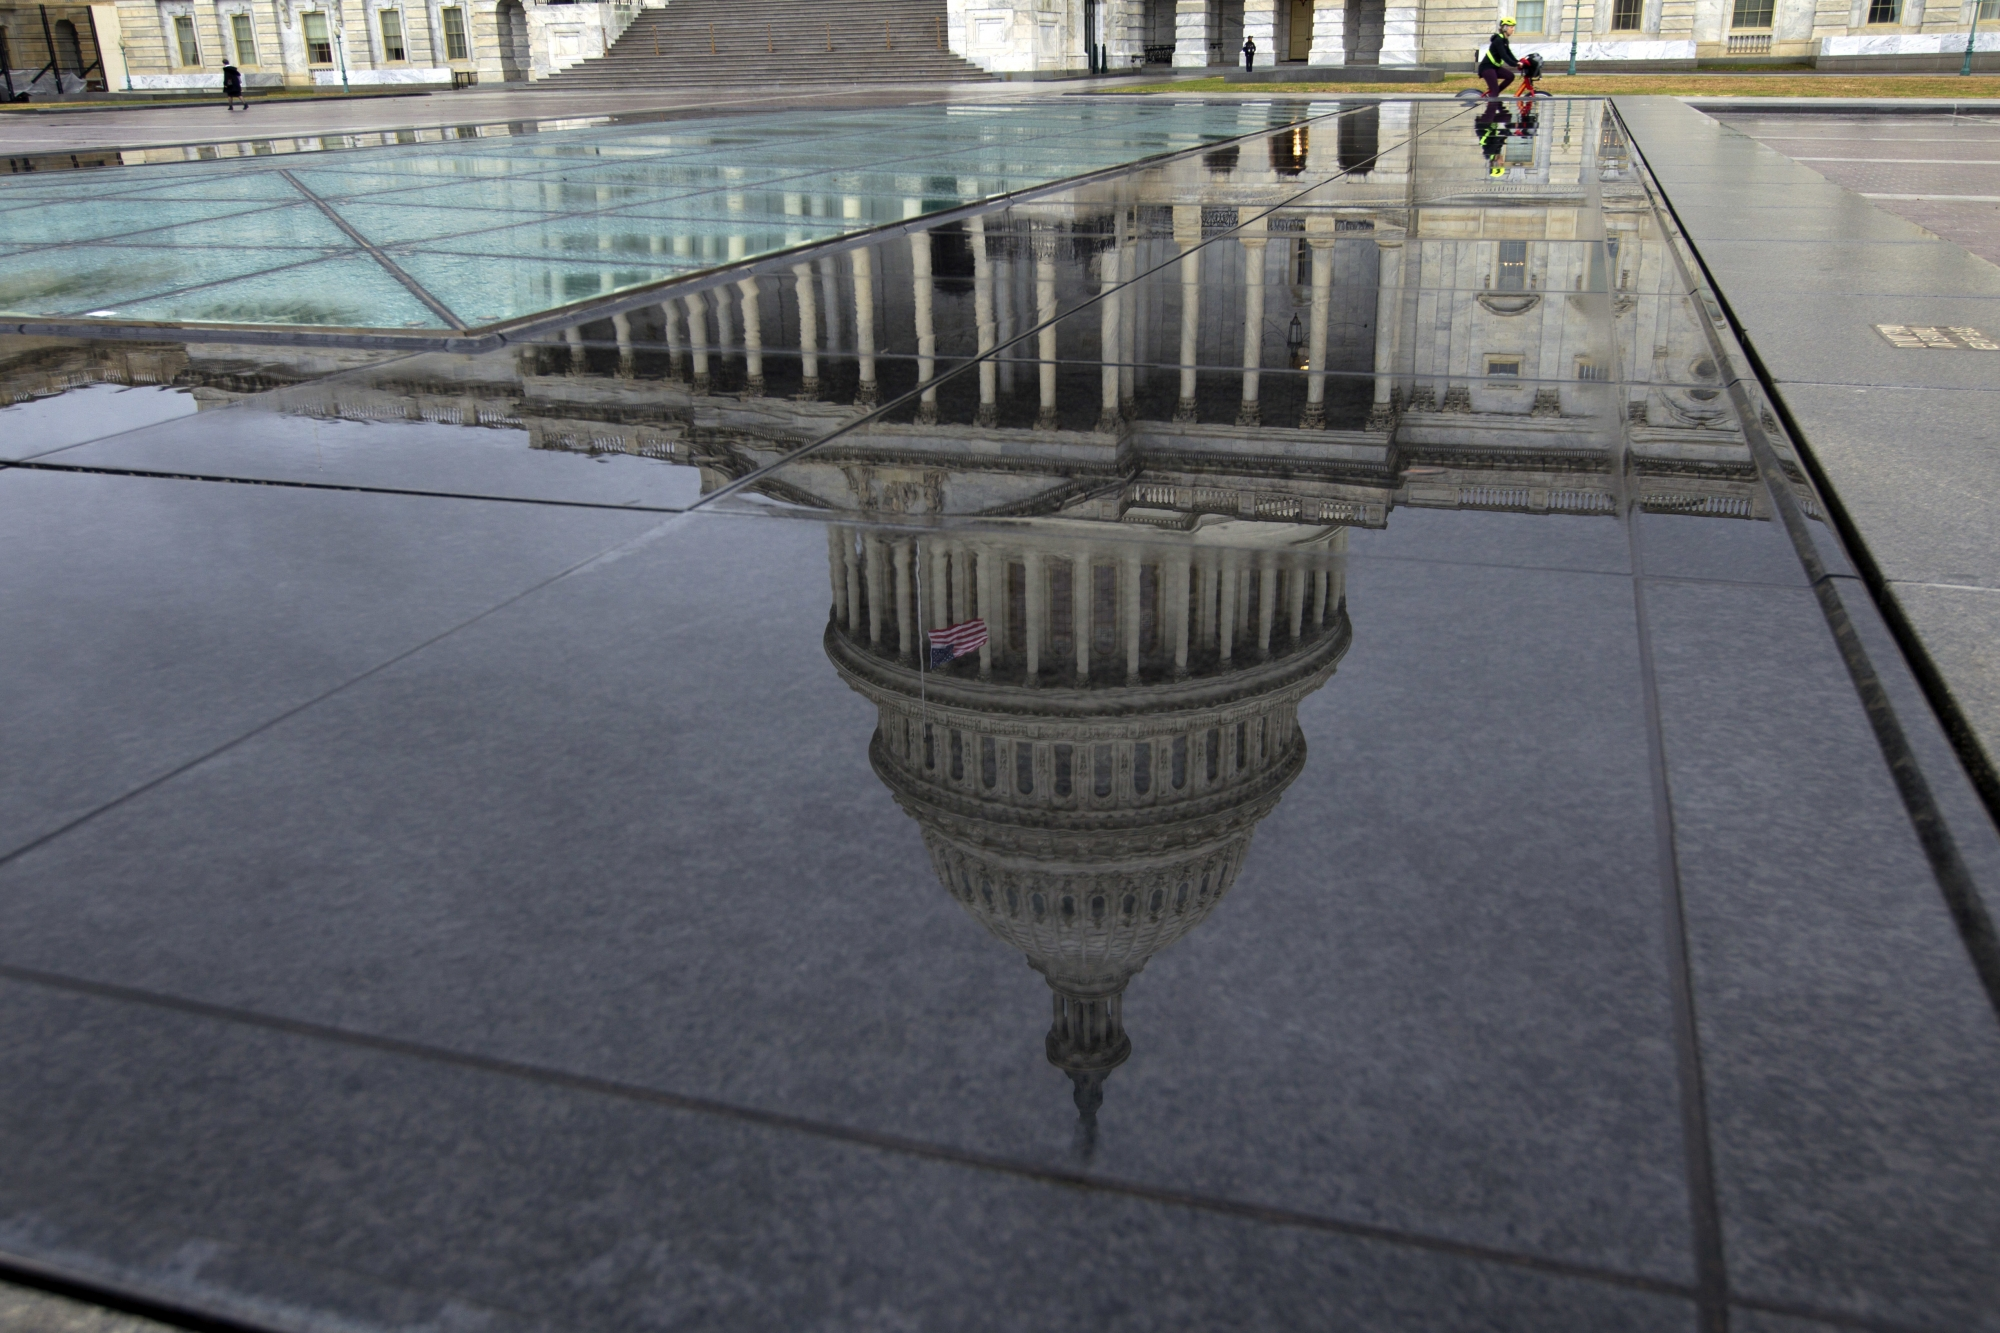 Cierre de gobierno en el área de DC. Trabajadores del gobierno suspendidos. Foto: WTOP.com.